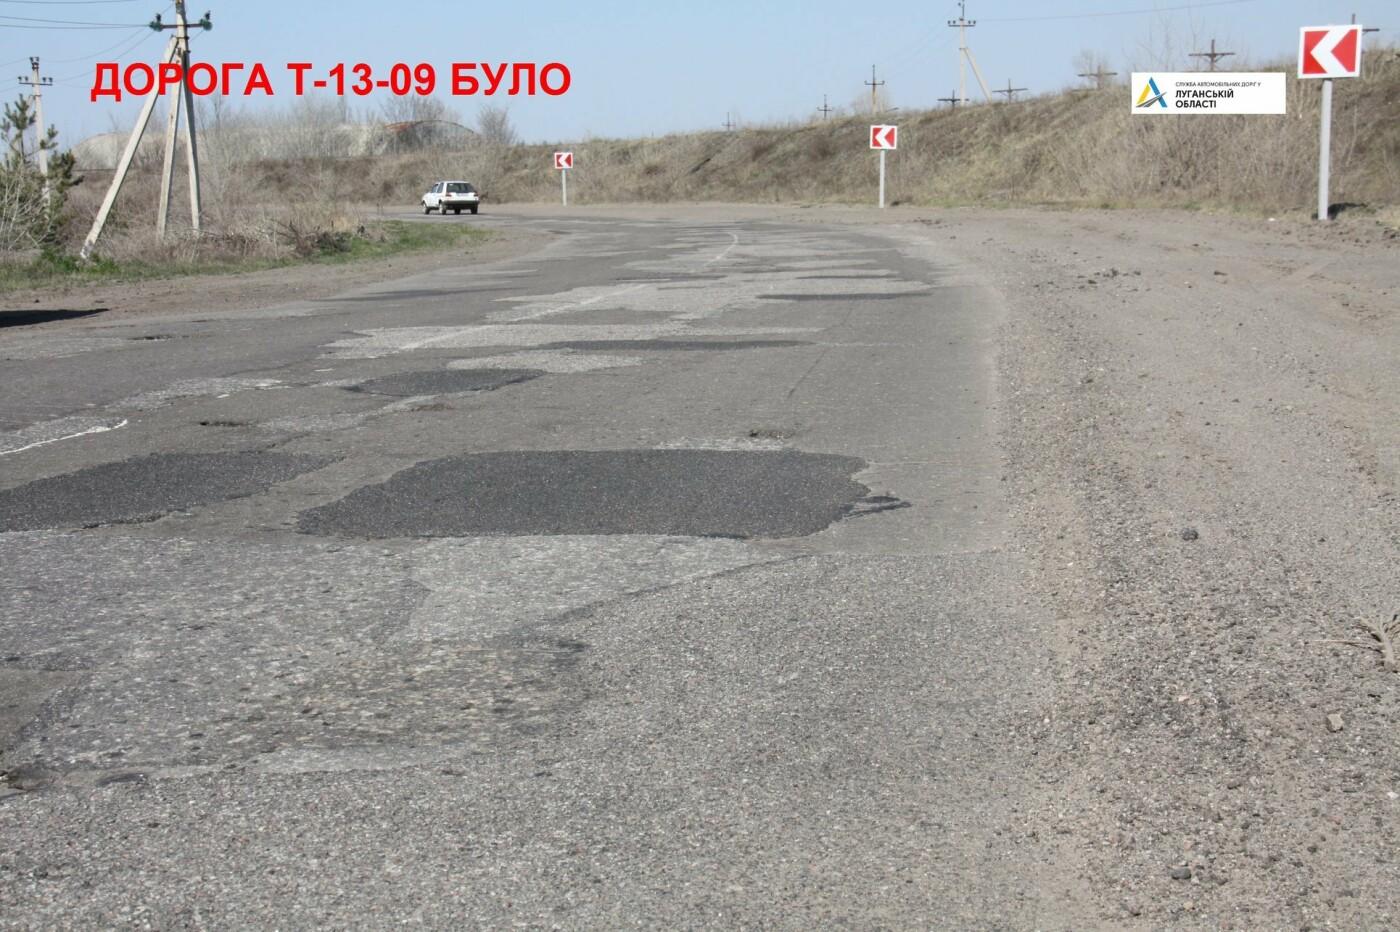 Было - стало. Автодорожники показали результаты ремонта дороги Северодонецк-Станица-Луганская, фото-7